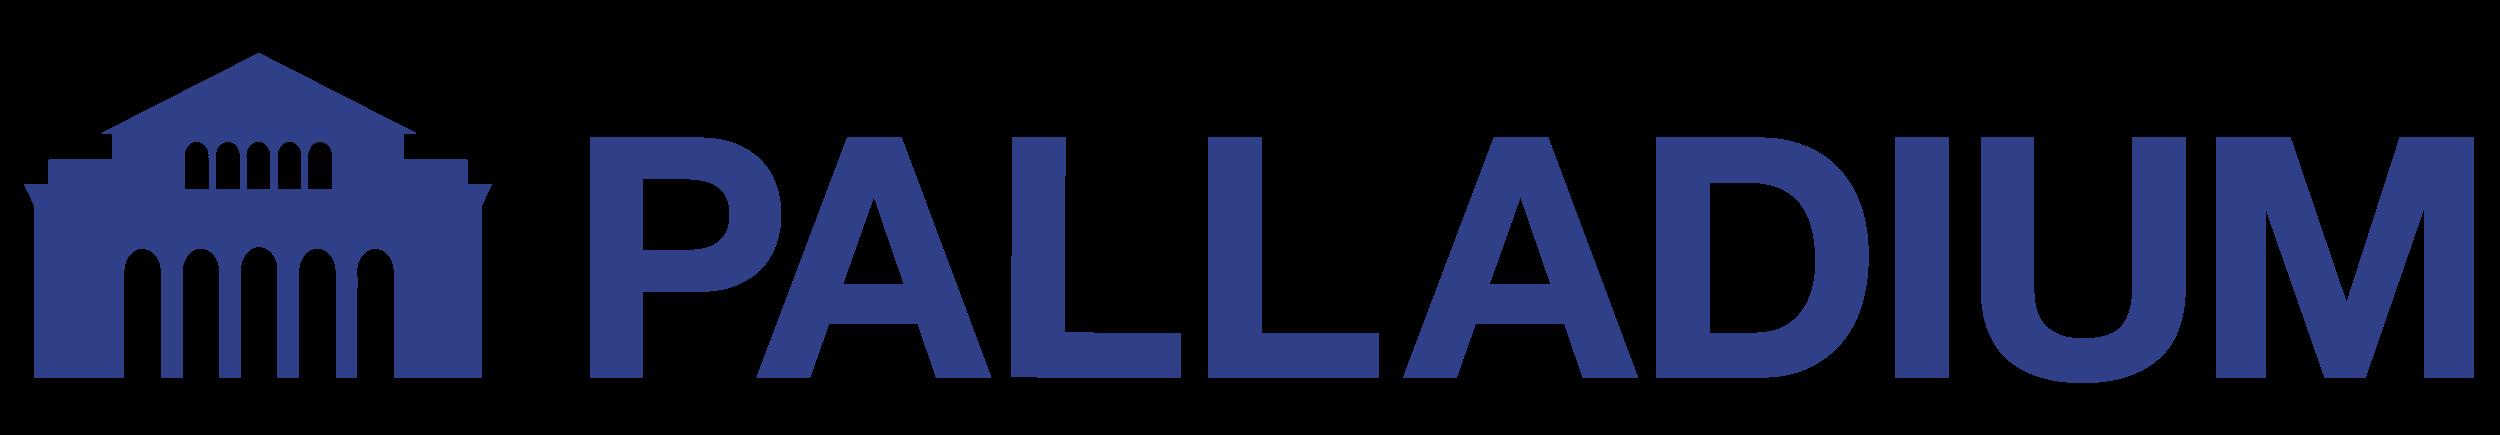 palladium-logo-wide